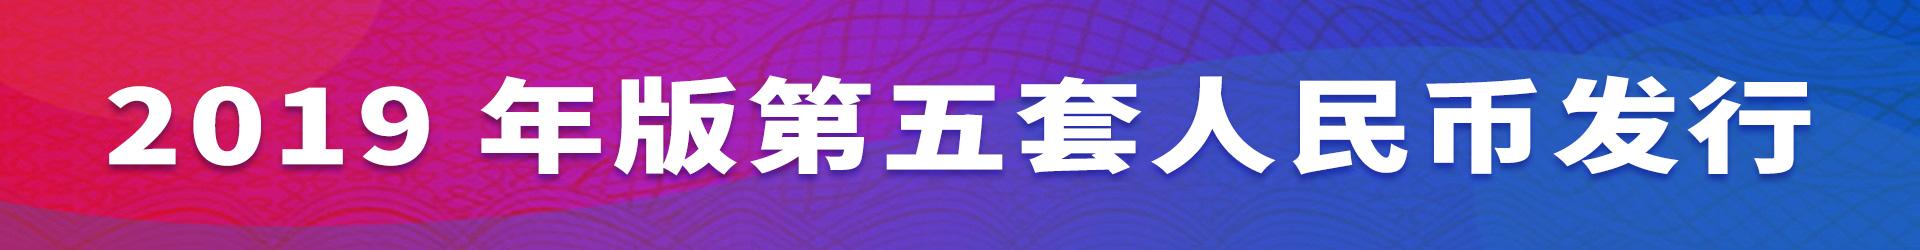 2019年版第五套人民币发行